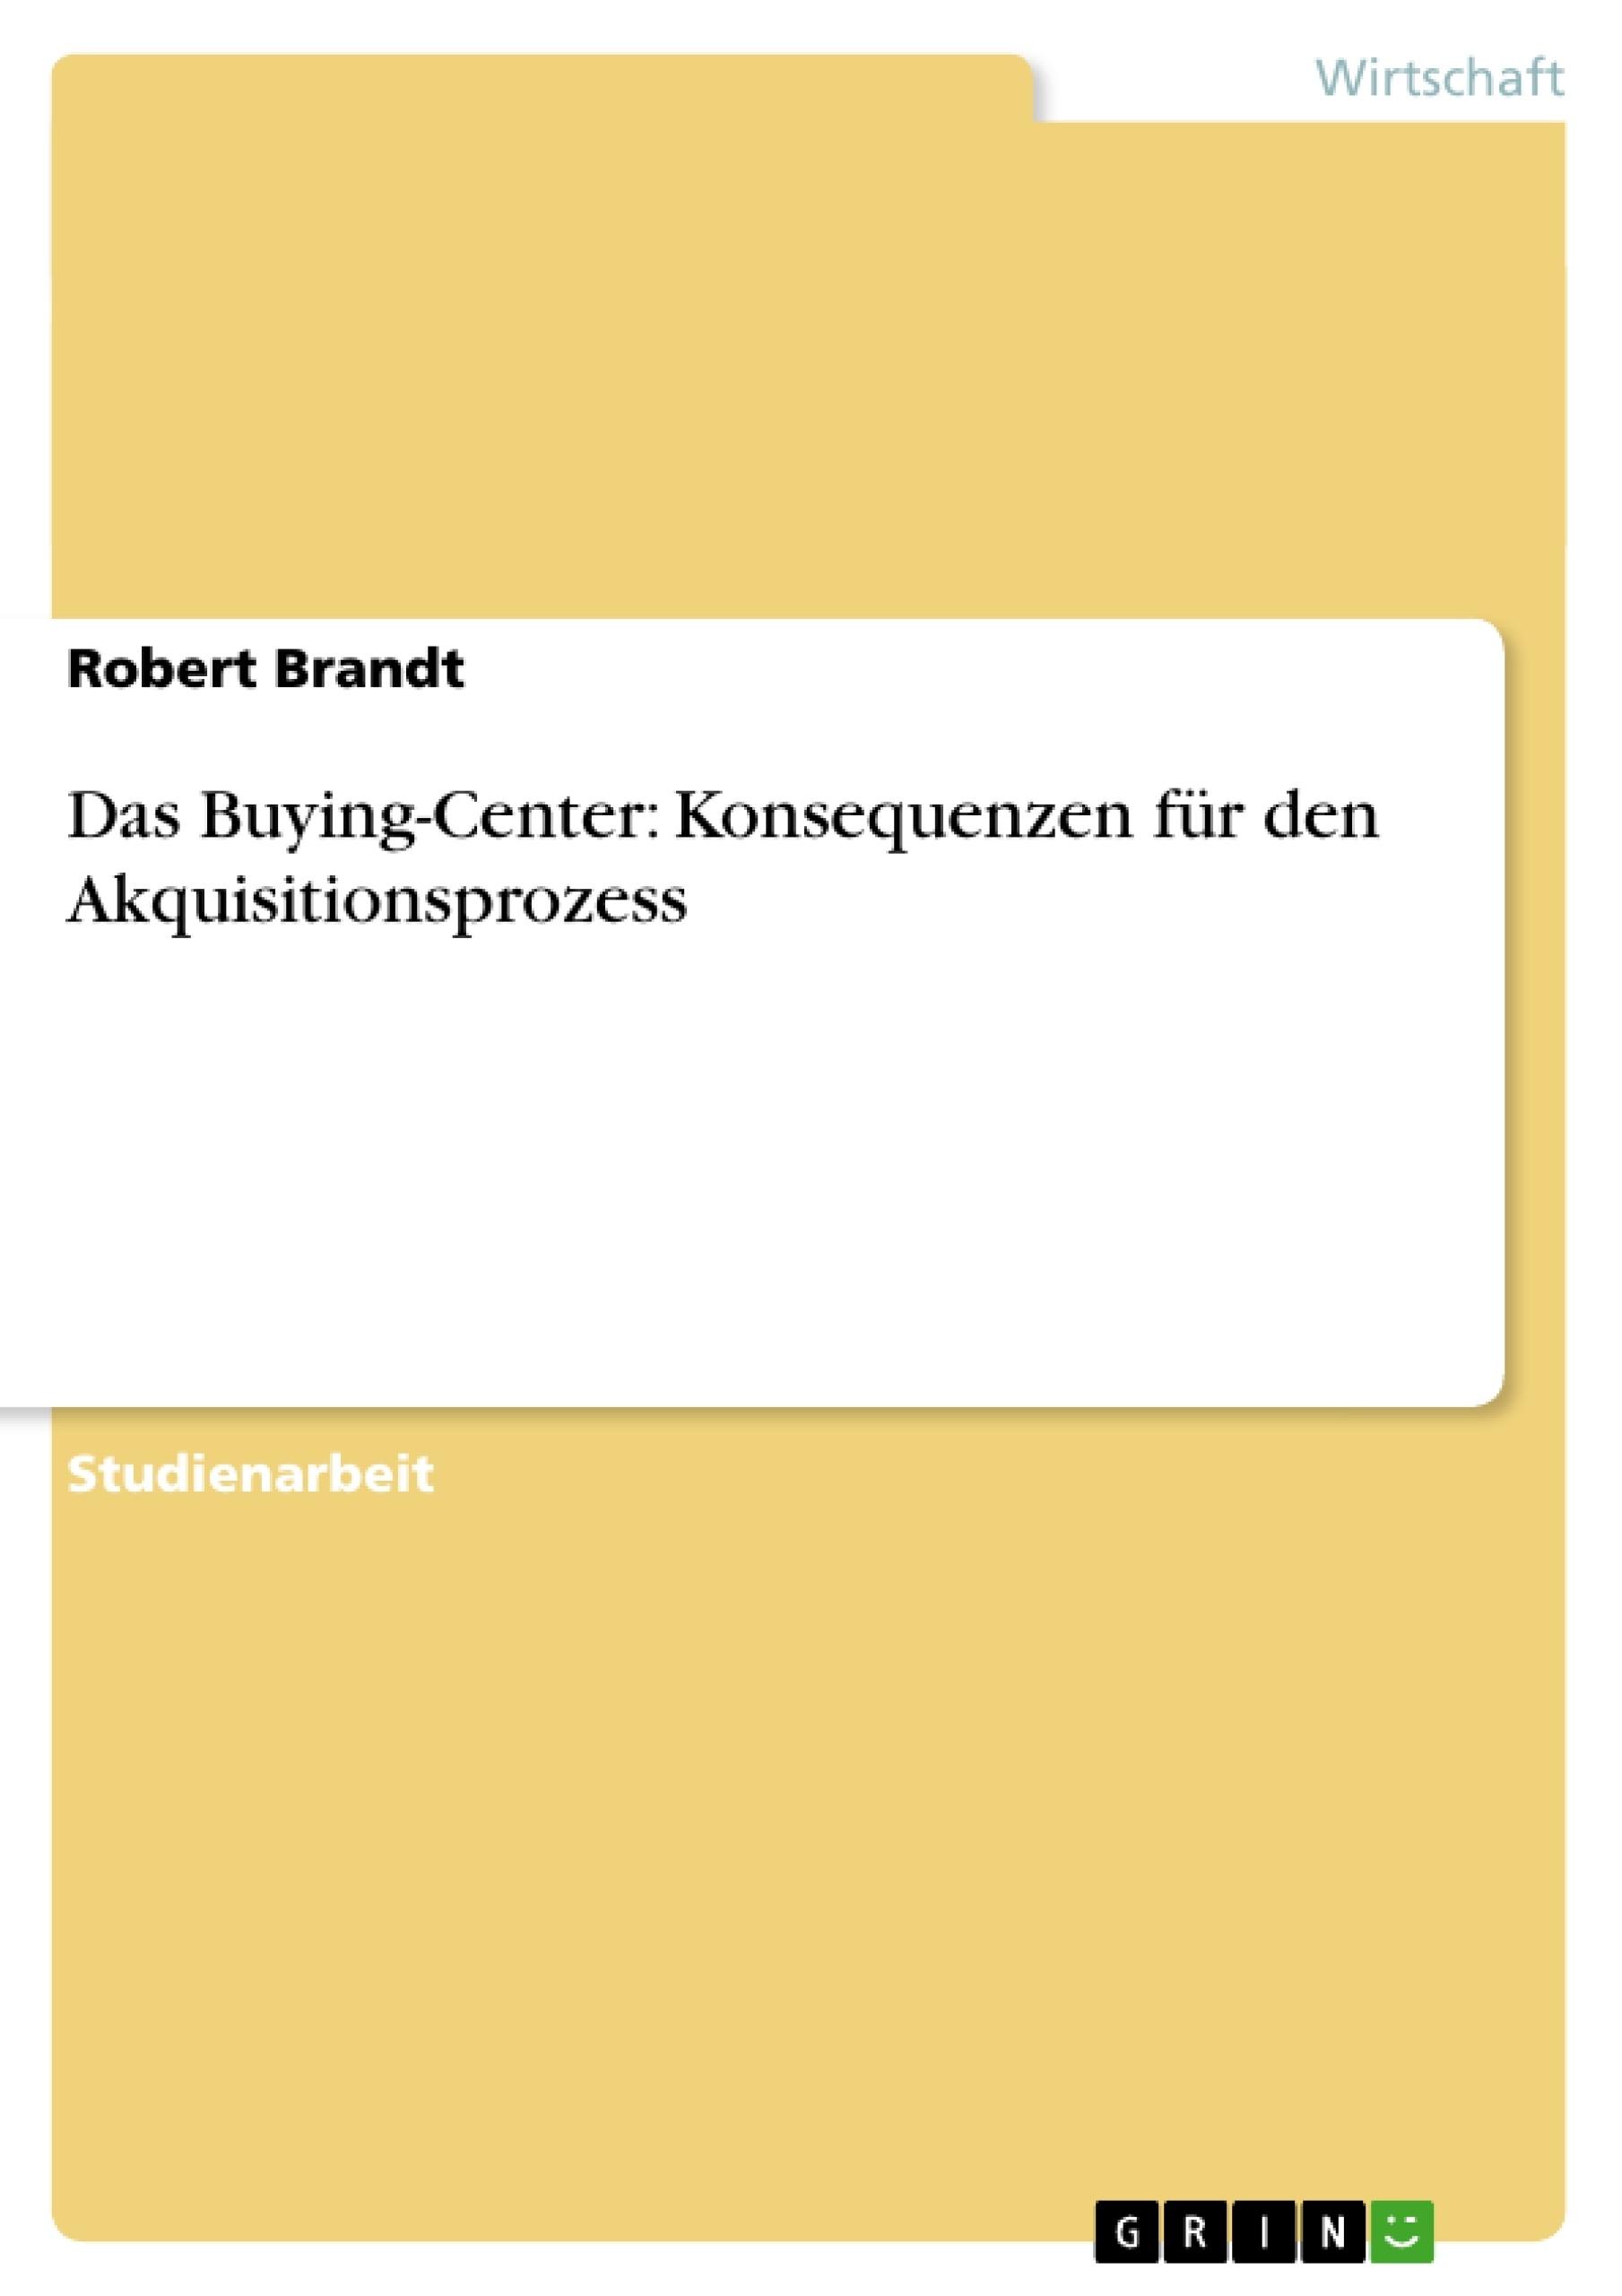 Titel: Das Buying-Center: Konsequenzen für den Akquisitionsprozess